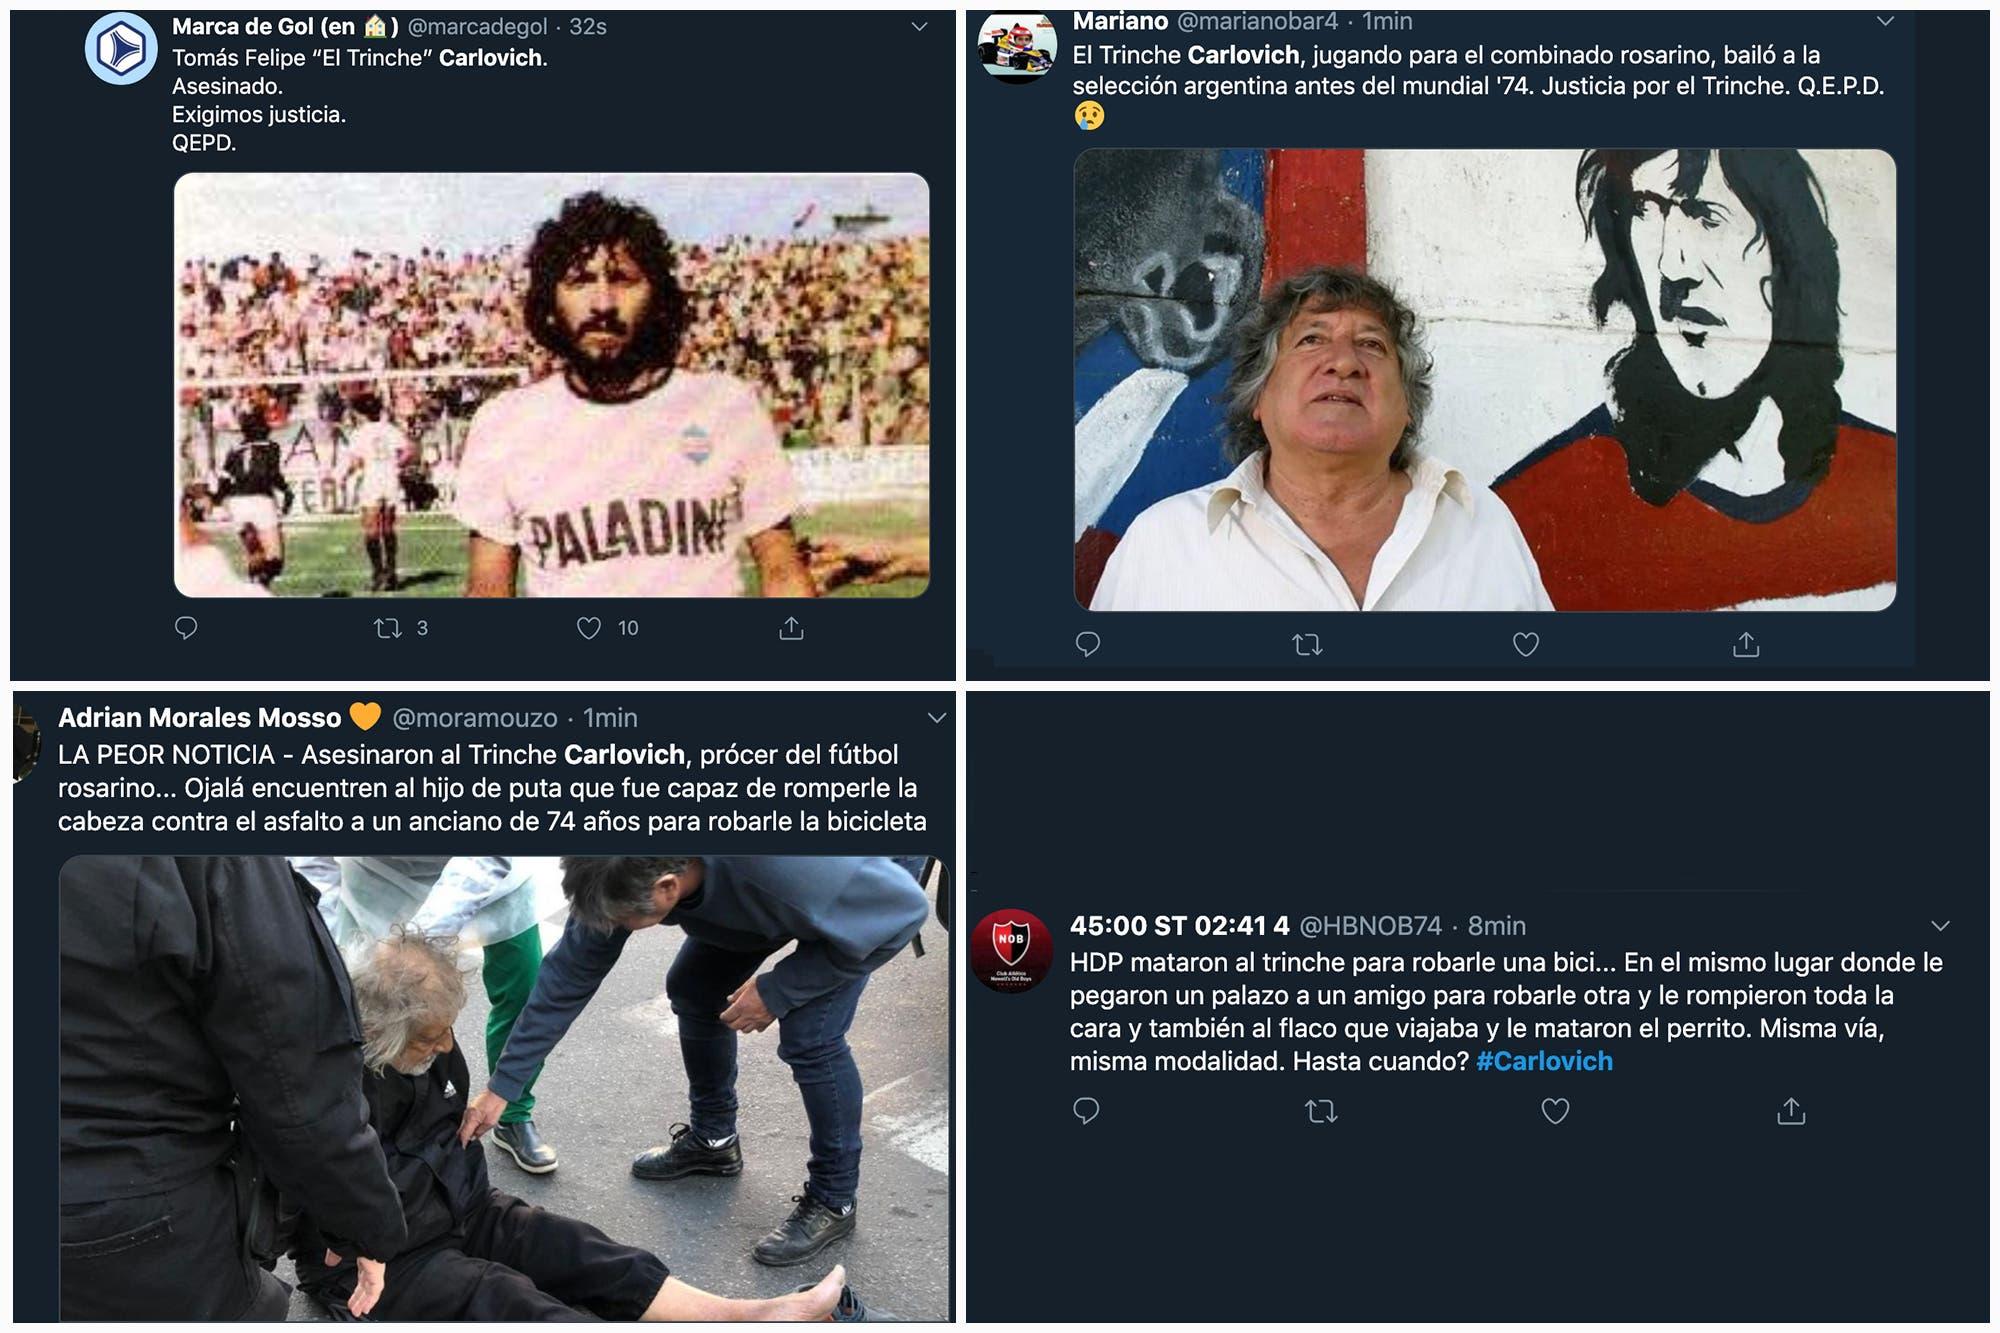 """""""Trinche Carlovich no murió, lo mataron"""": los mensajes de indignación en las redes tras el fallecimiento del mito futbolístico"""